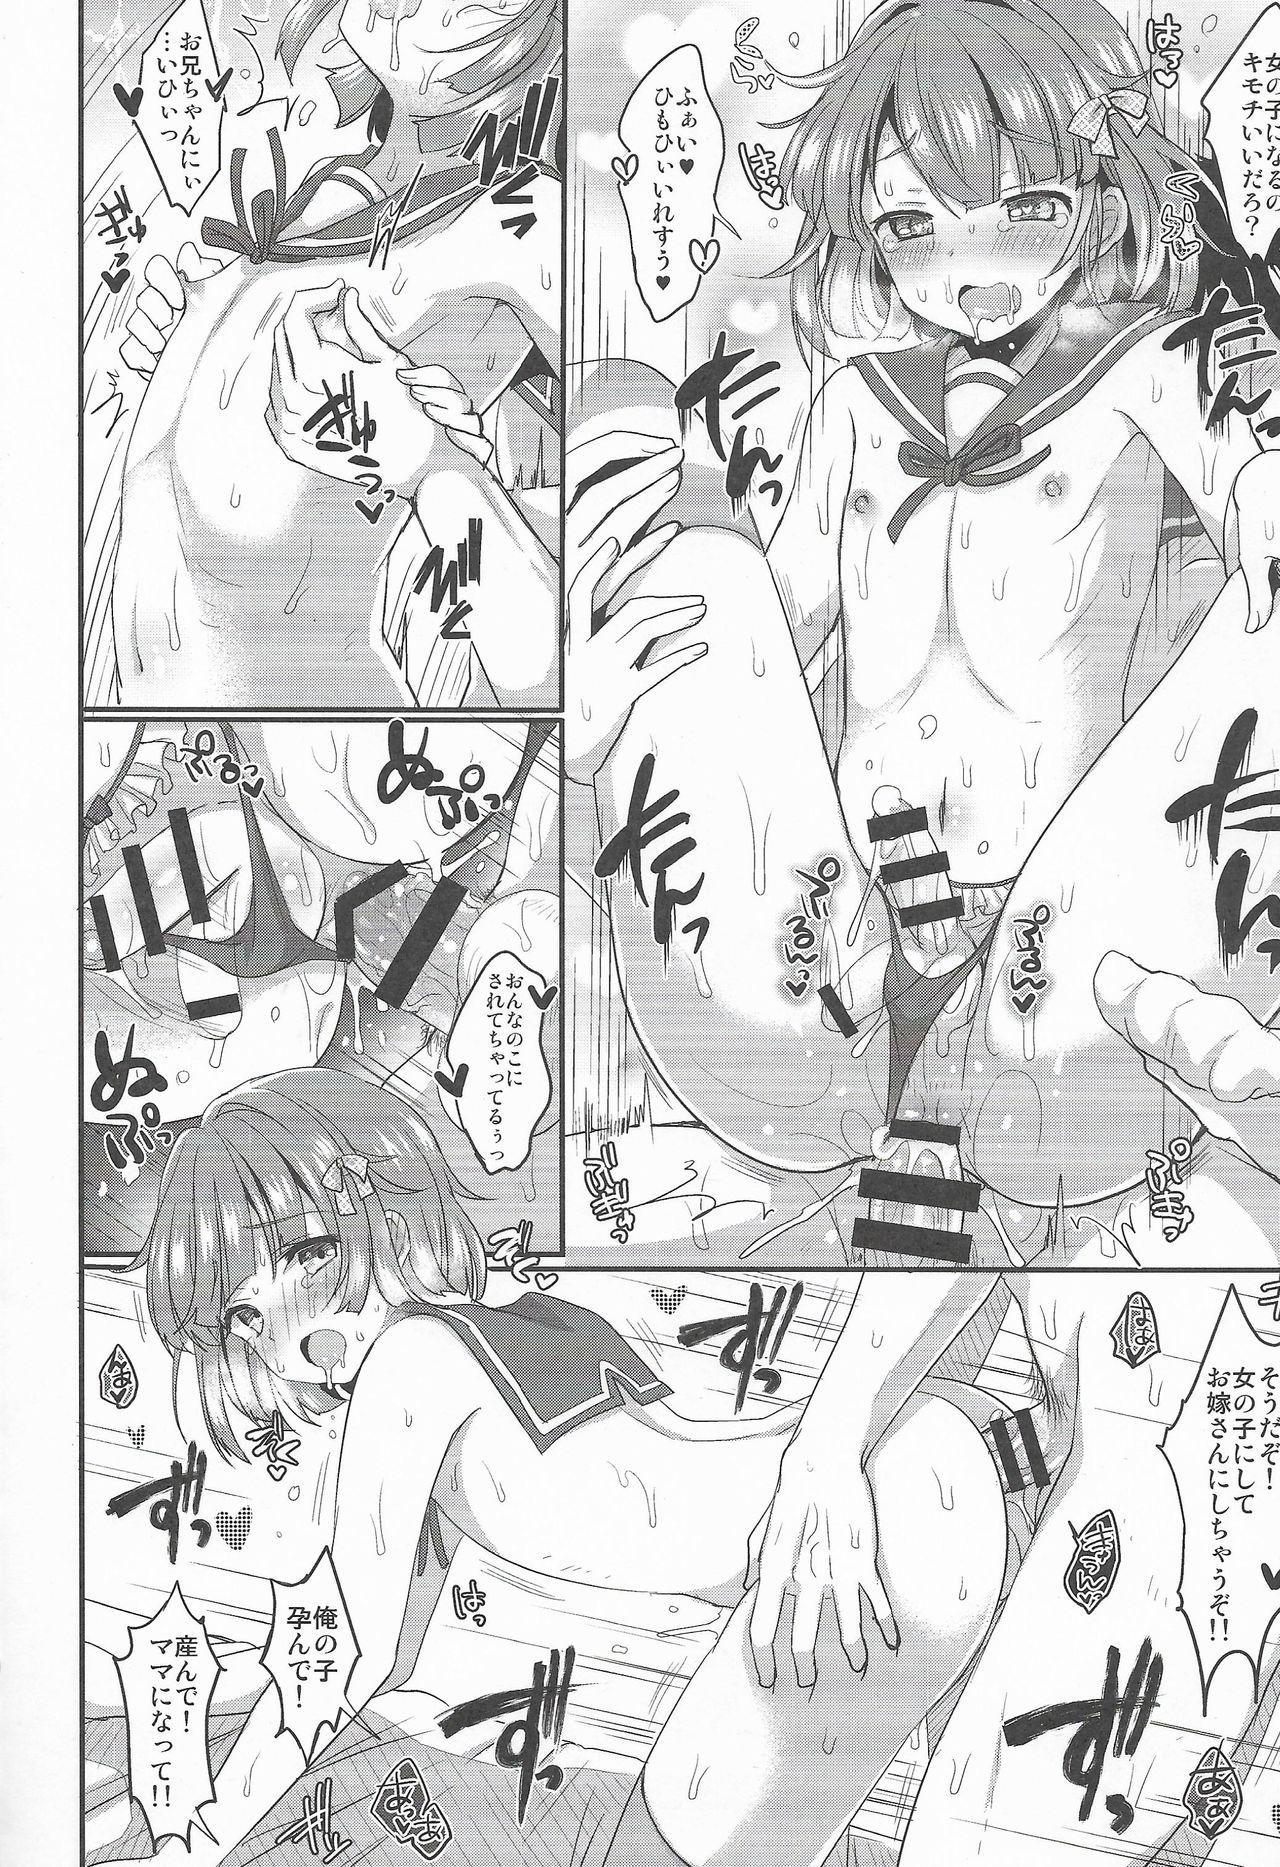 Hajime-kun to Ichaicha shitai! 18